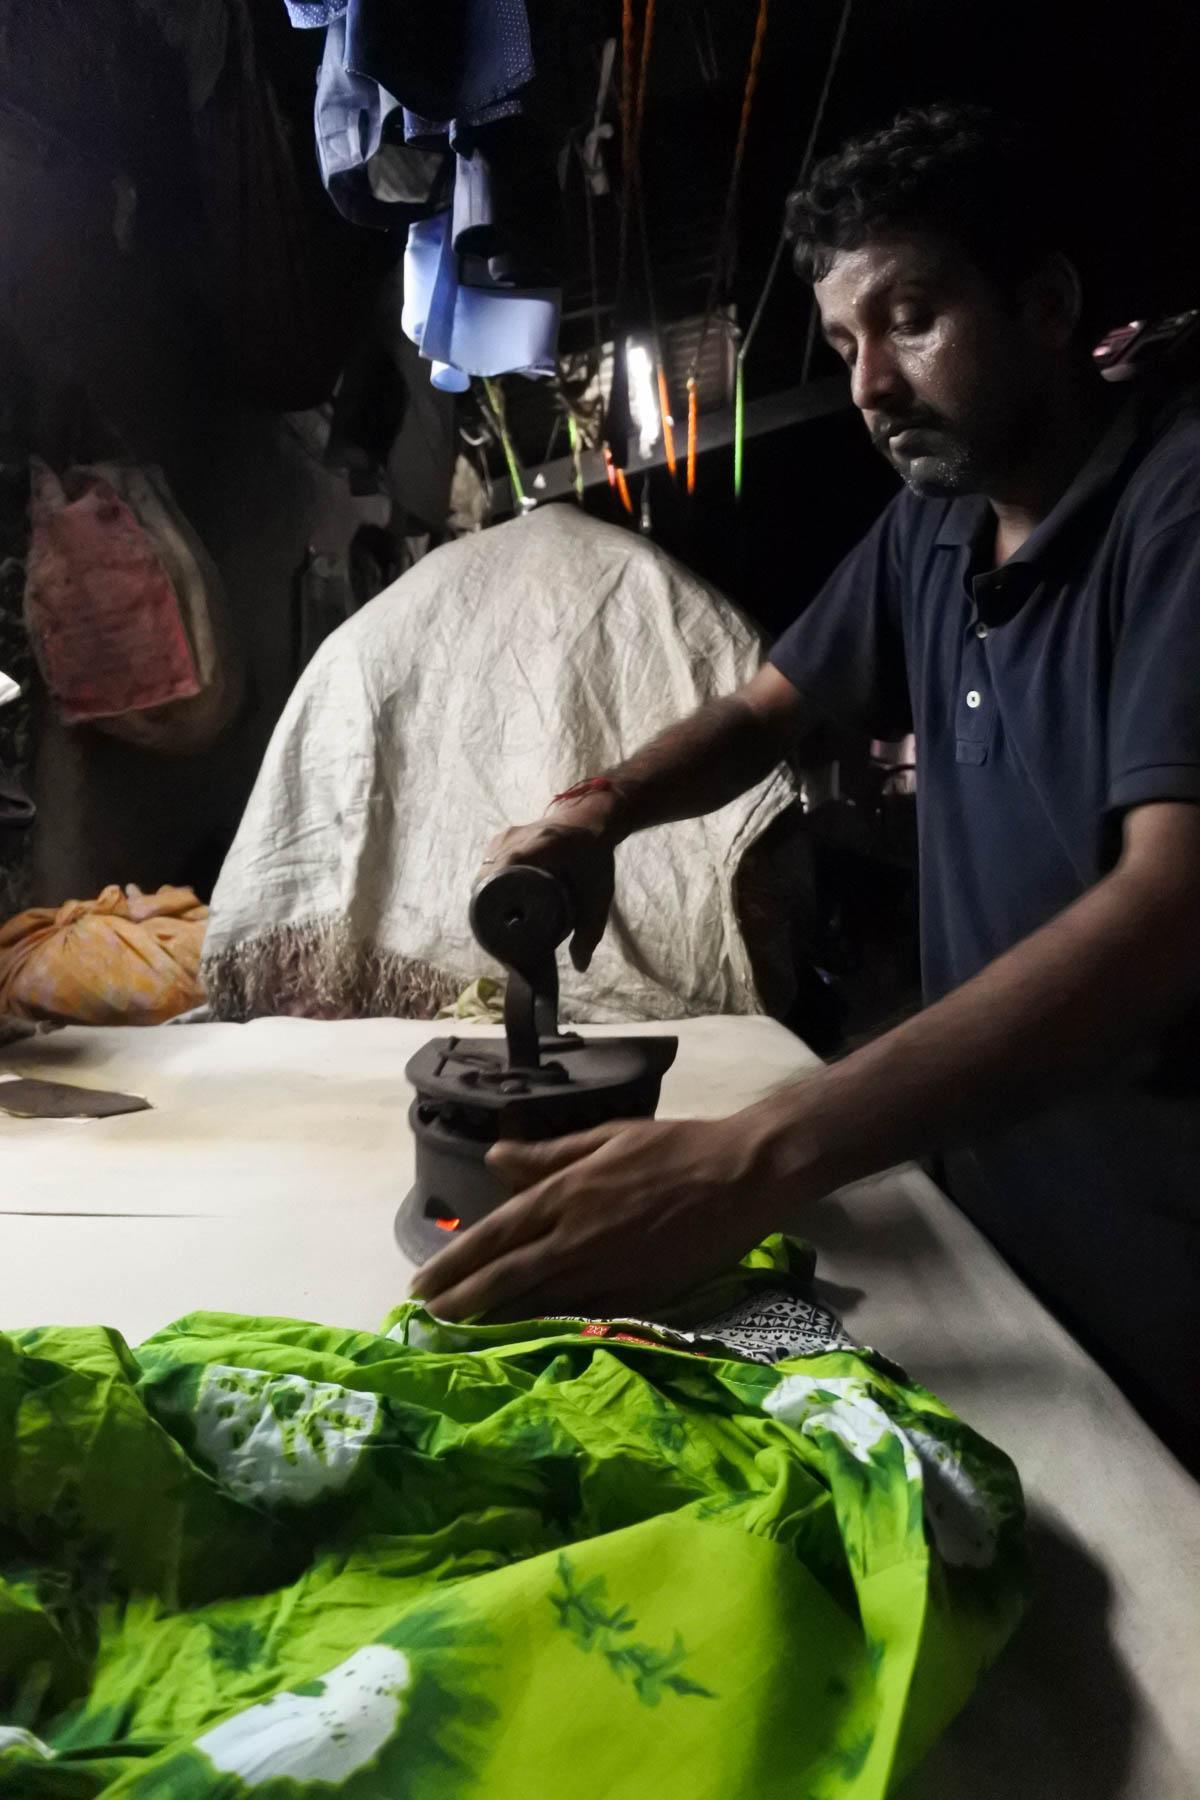 ムンバイ 巨大洗濯工場 ドービーガート 炭アイロン